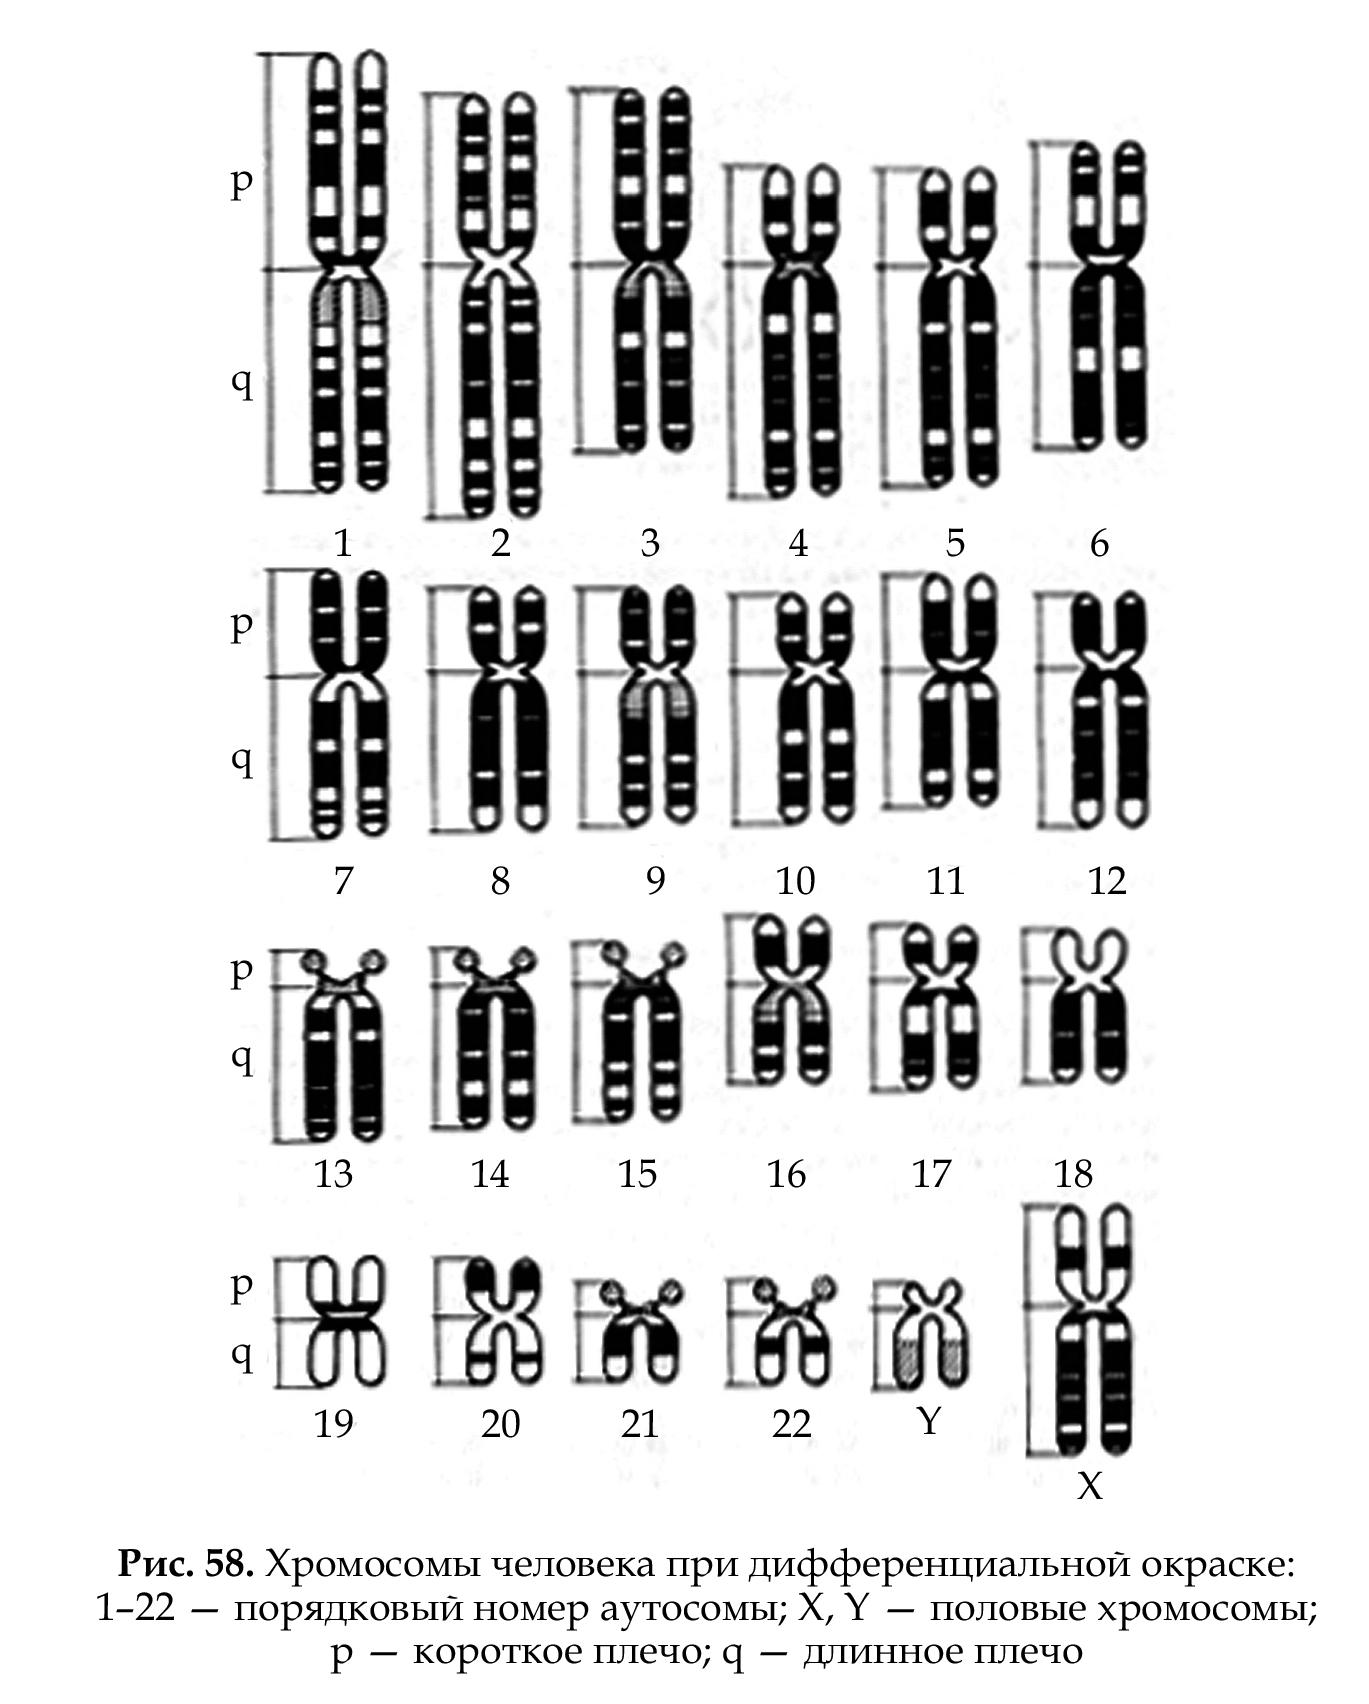 место занимаемое геном в хромосоме